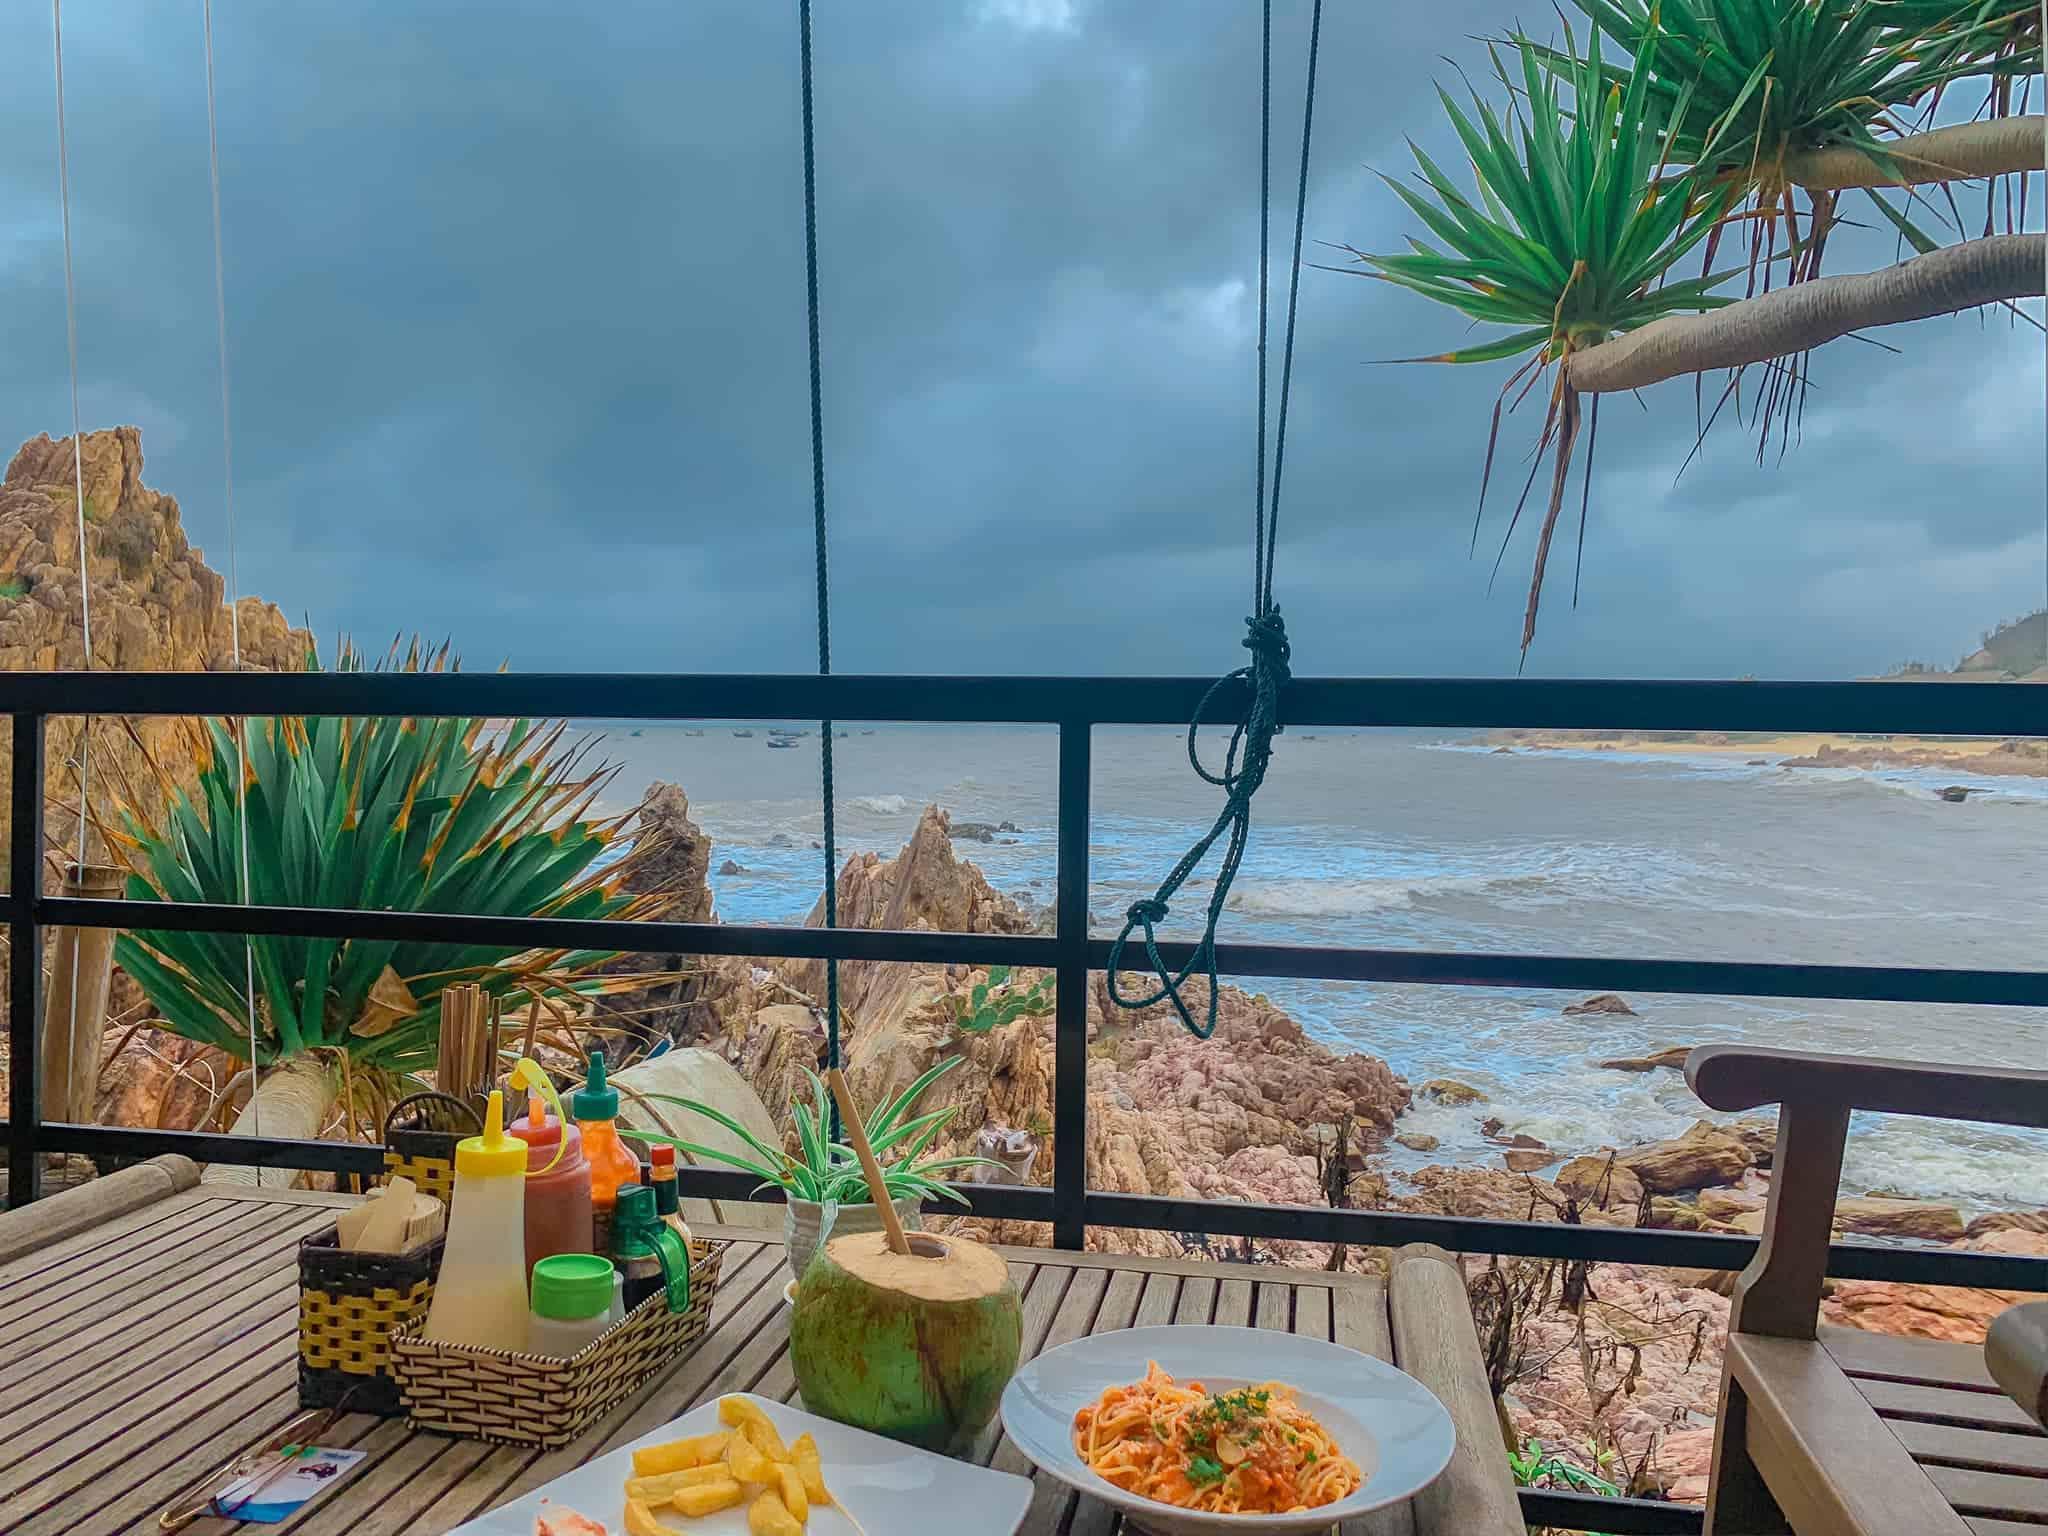 Thưởng thức bữa ăn giữa biển xanh mây trắng